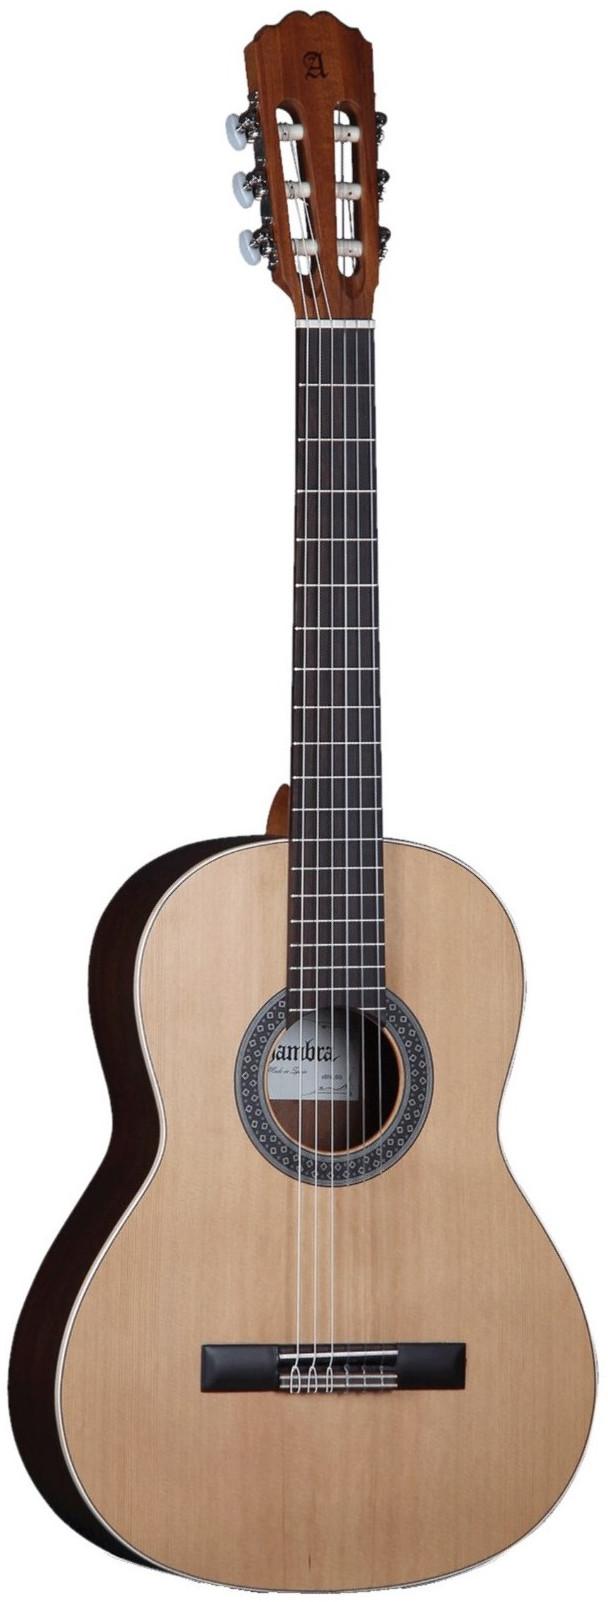 Гитара Alhambra 7.842 Open Pore 1 OP Cadete